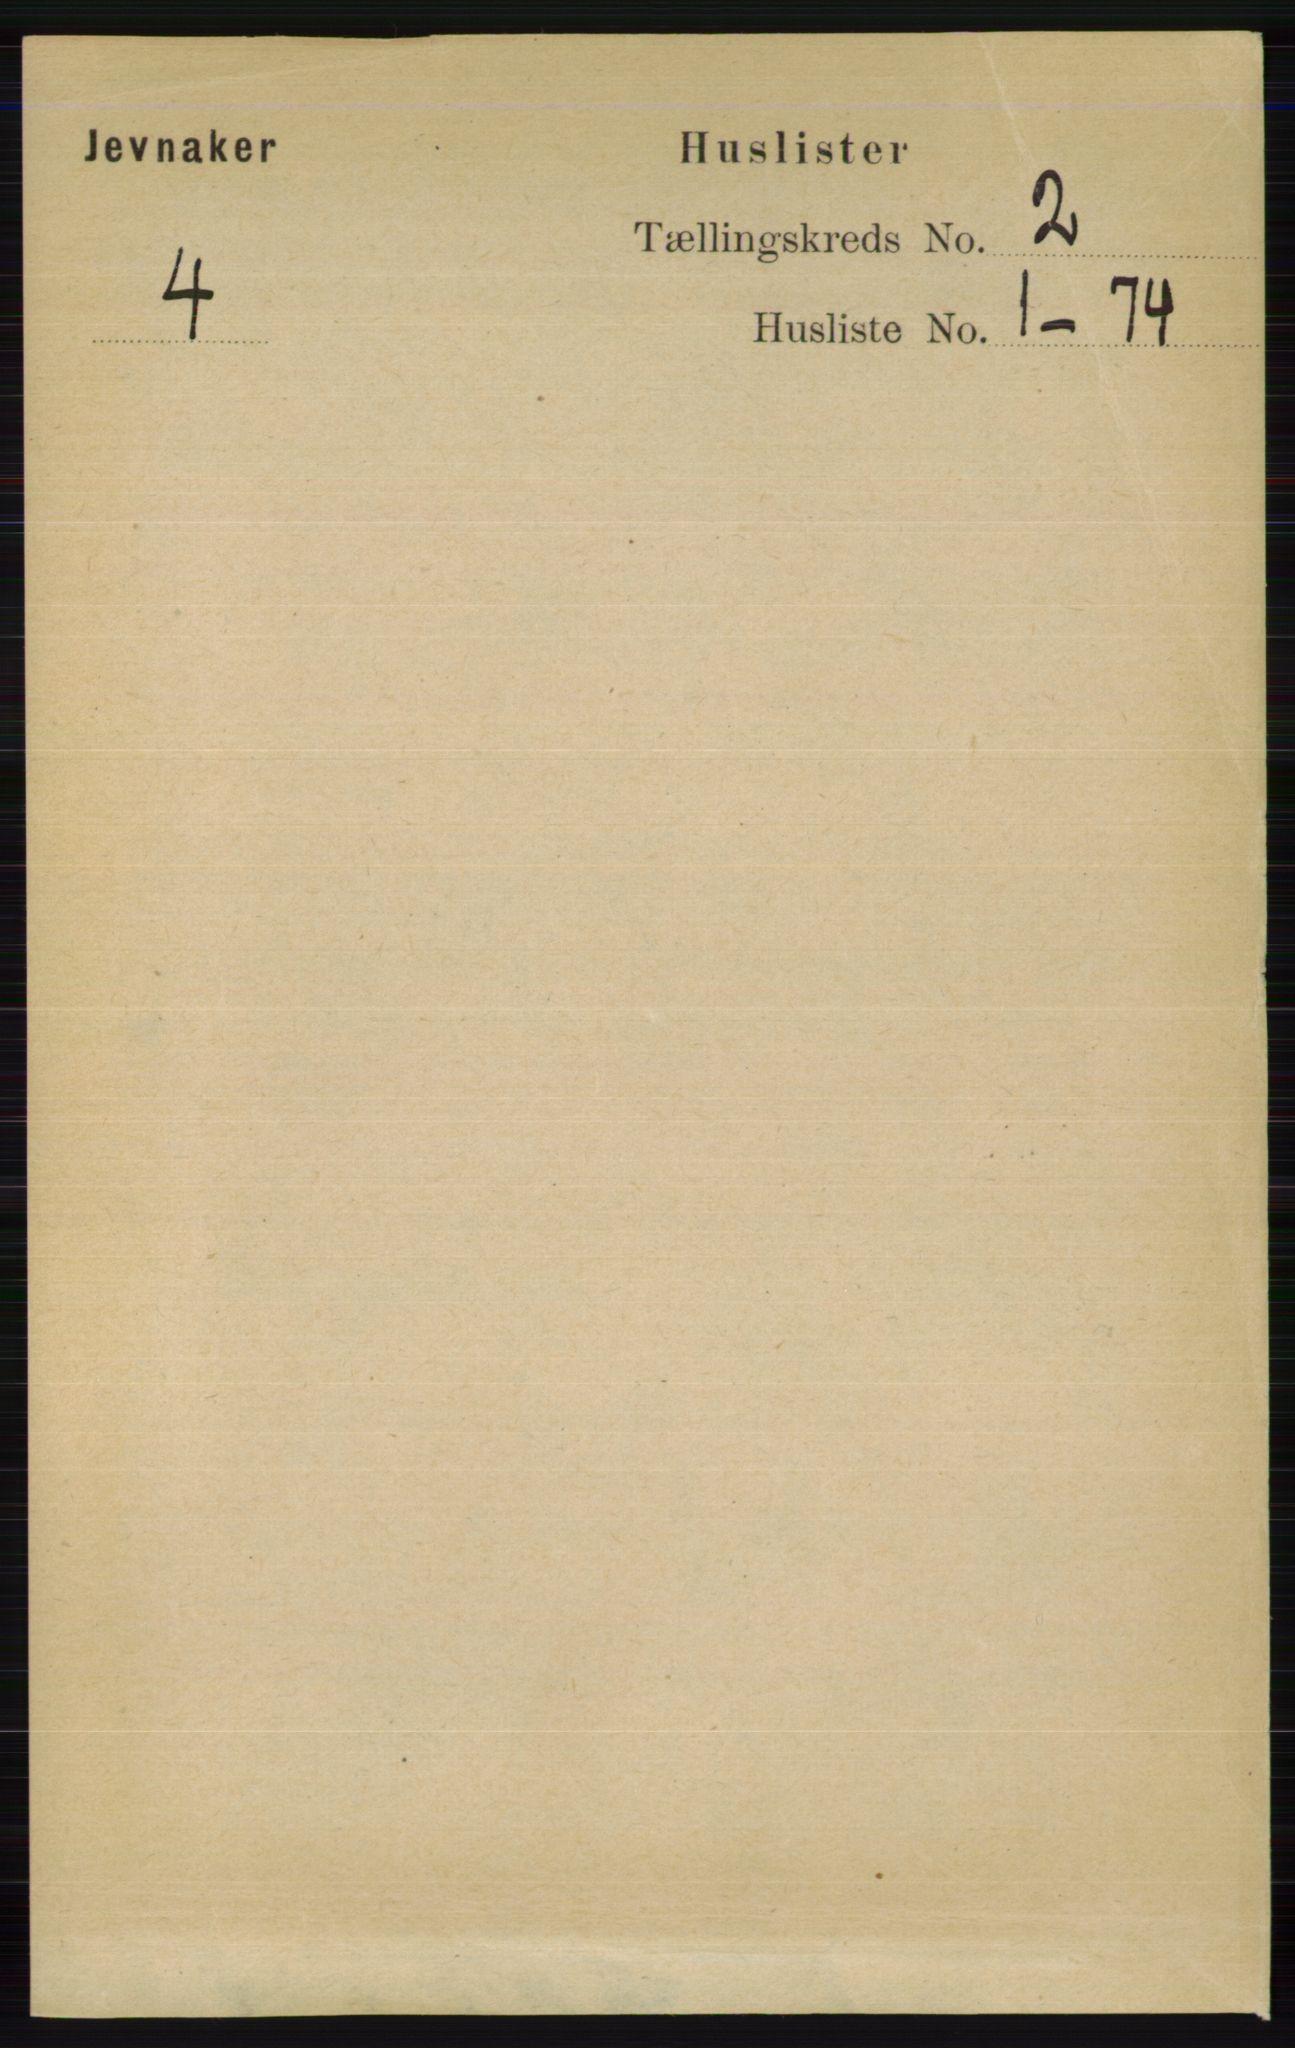 RA, Folketelling 1891 for 0532 Jevnaker herred, 1891, s. 556